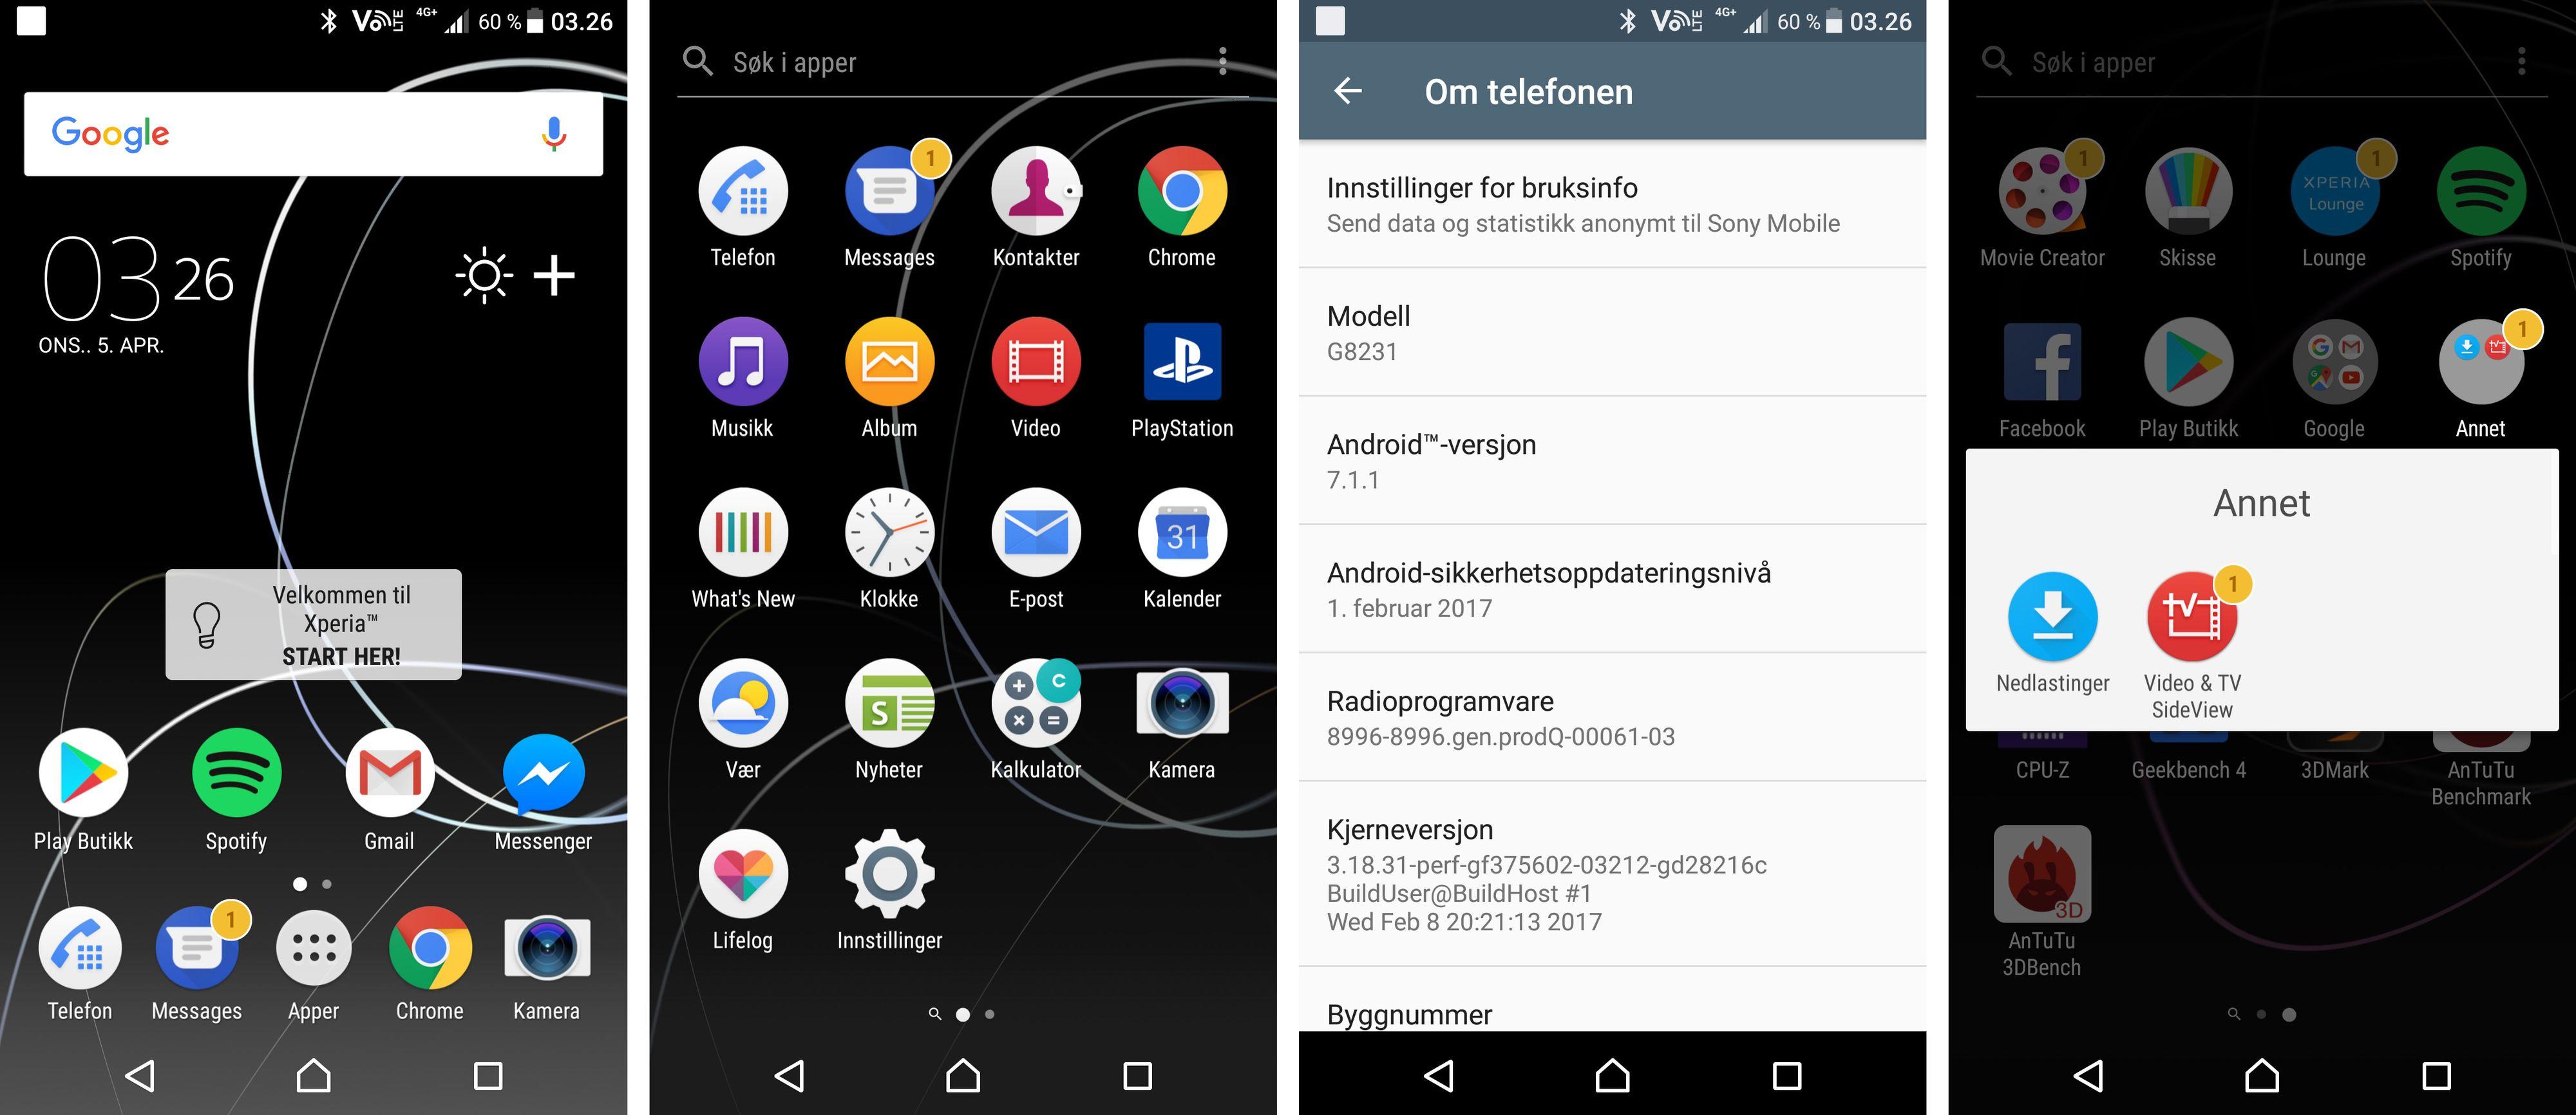 Selve menyopplevelsen er ikke så mange hakk unna ren Android, og den virker lettdrevet og rask. Men det blir tidvis litt mye mas fra medfølgende apper her. Hvorfor så mange av de Sony-spesifikke appene har ting å fortelle meg aner jeg ikke.